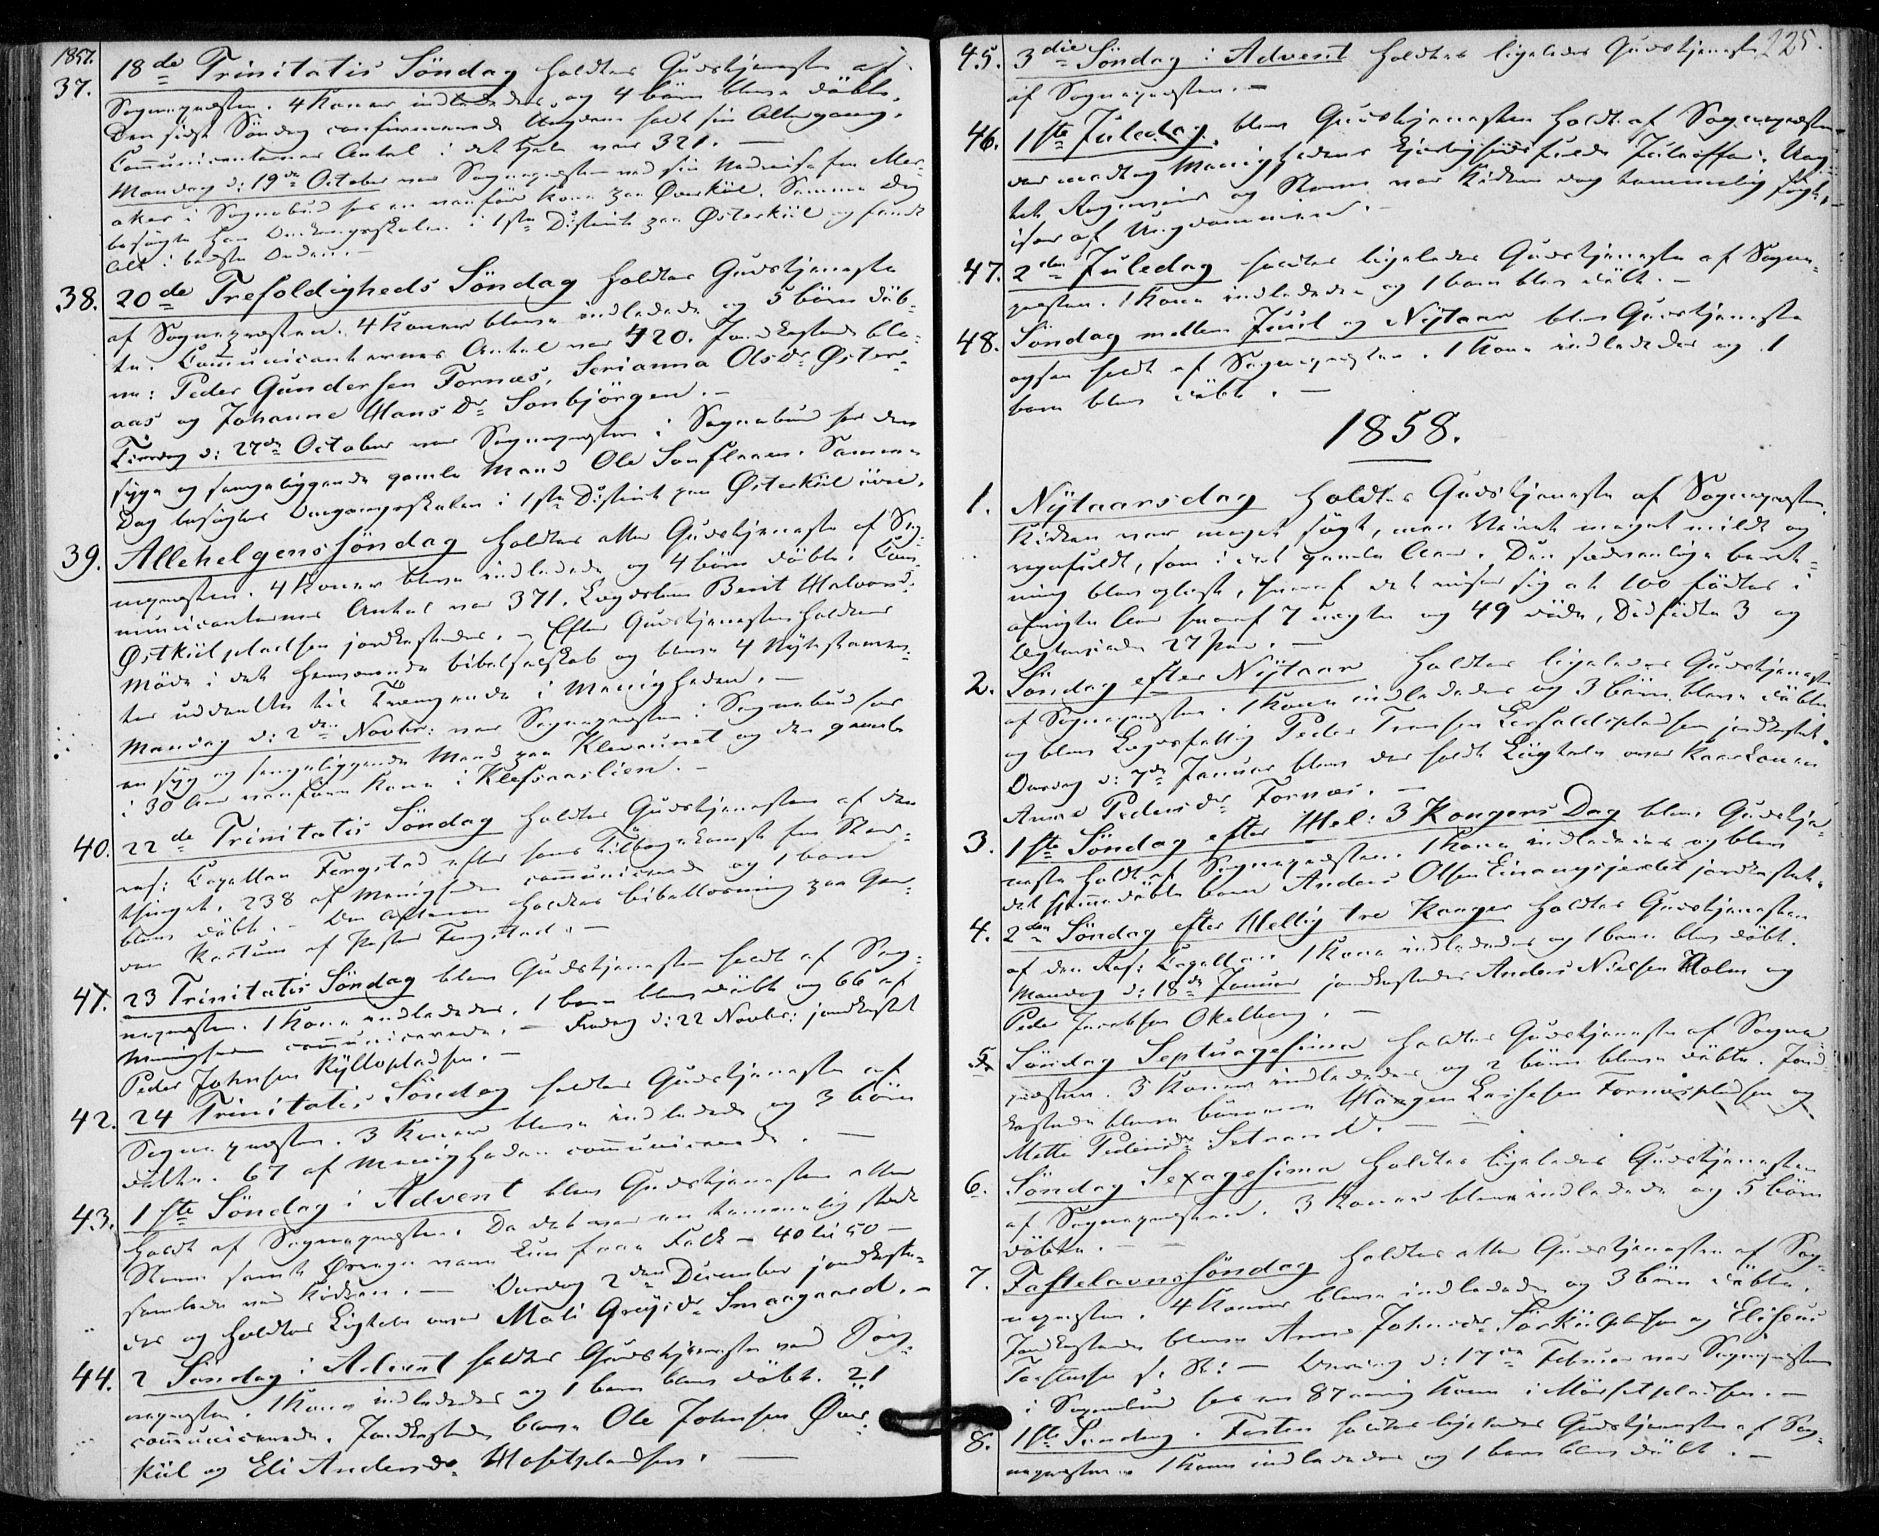 SAT, Ministerialprotokoller, klokkerbøker og fødselsregistre - Nord-Trøndelag, 703/L0028: Parish register (official) no. 703A01, 1850-1862, p. 225